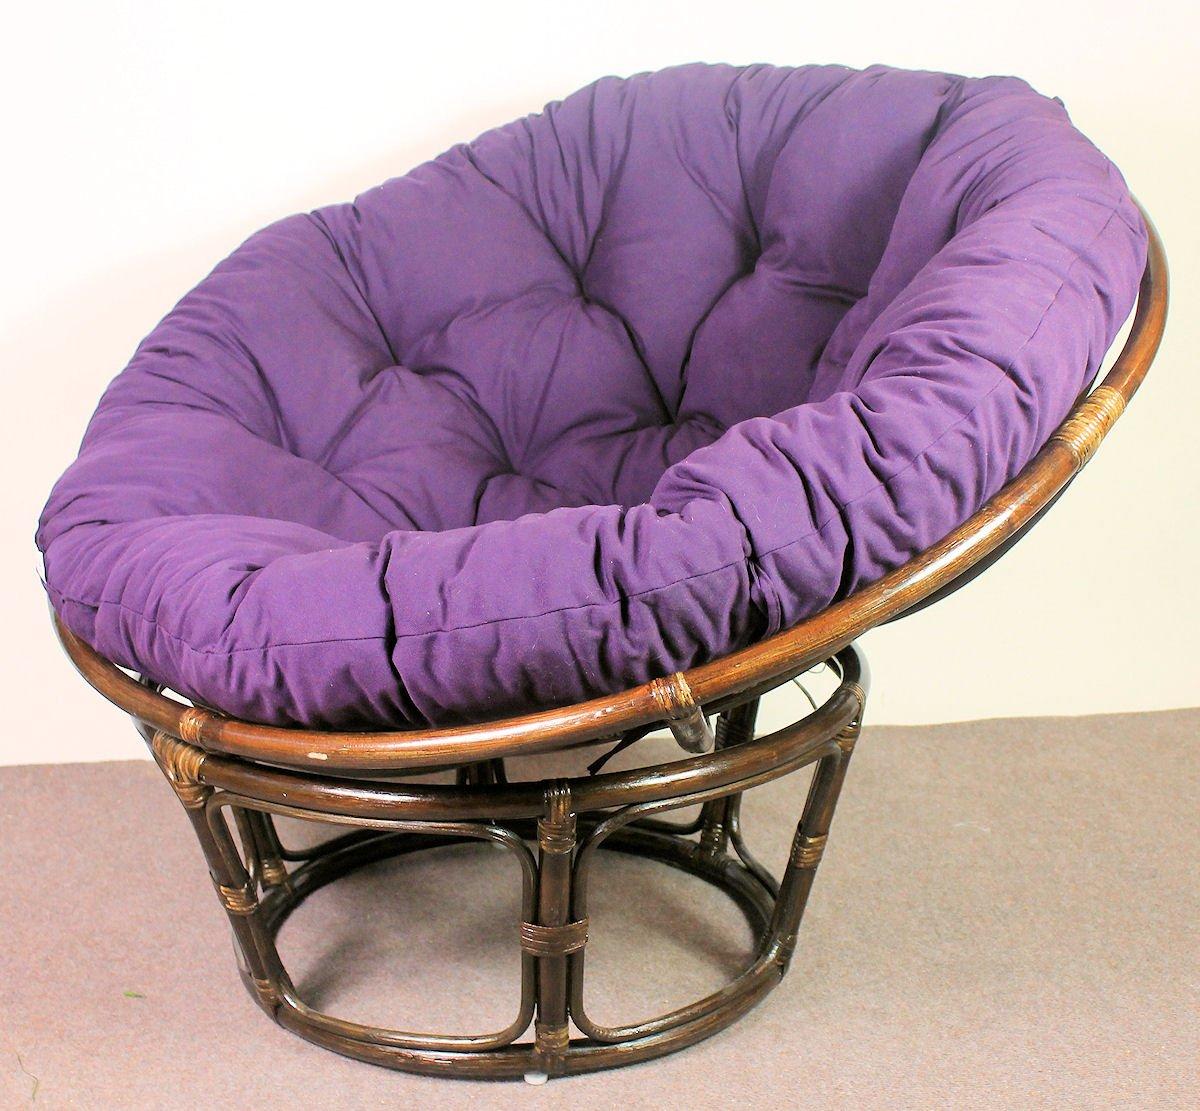 Rattan Papasan Sessel inkl. hochwertigen Polster , D D D 110 cm , Fb. darkBraun , Polster violett 2c4121